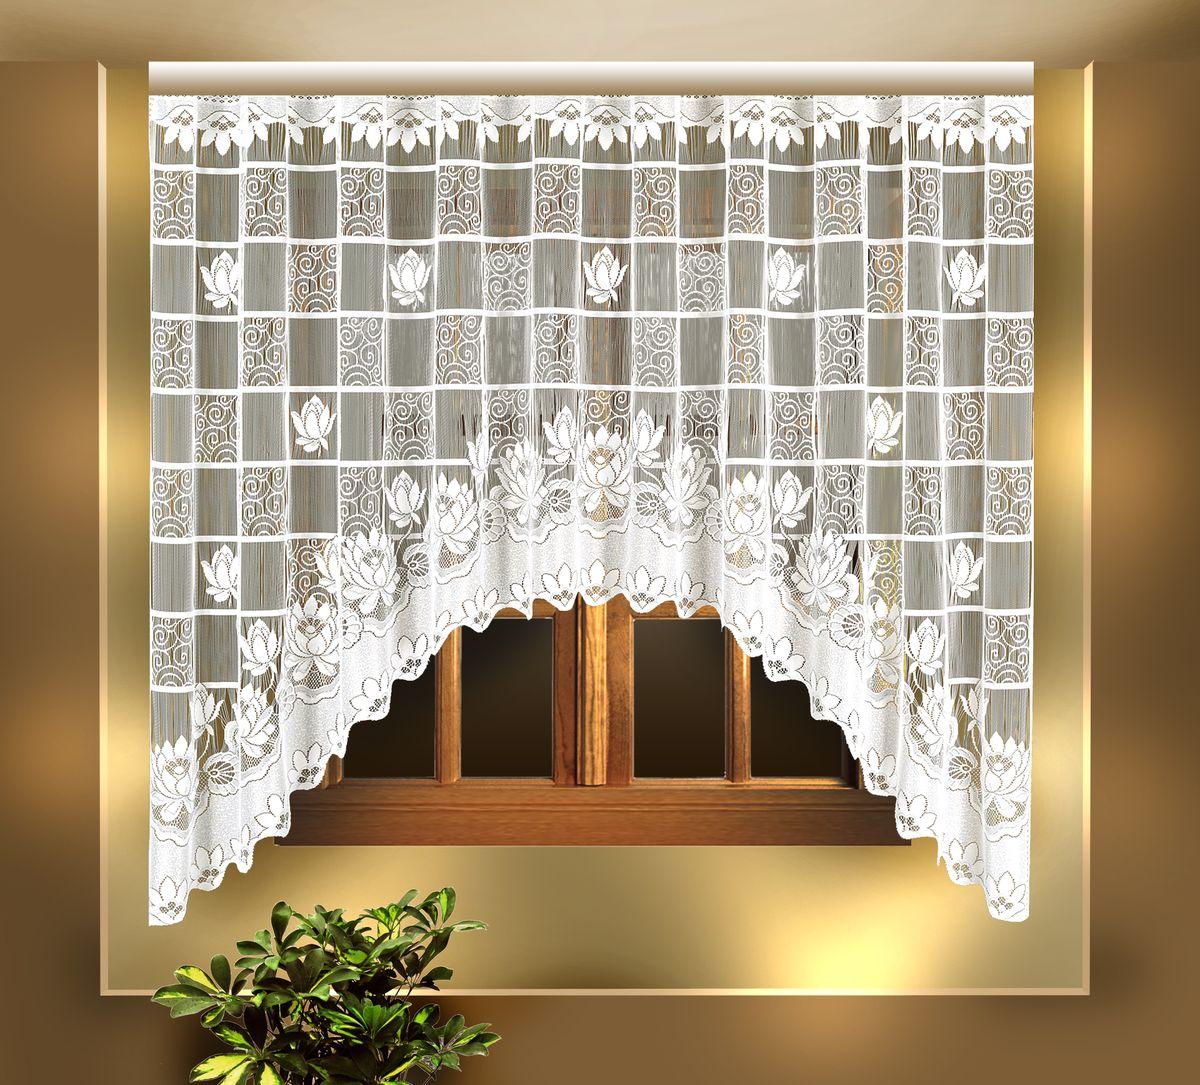 Гардина Zlata Korunka, цвет: белый, высота 160 см. 8880961782027-R29Воздушная гардина Zlata Korunka, изготовленная из полиэстера белого цвета, станет великолепным украшением любого окна. Гардина выполнена в виде арки и декорирована цветочным узором. Тонкое плетение и оригинальный дизайн привлекут к себе внимание и органично впишутся в интерьер. Верхняя часть гардины не оснащена креплениями.